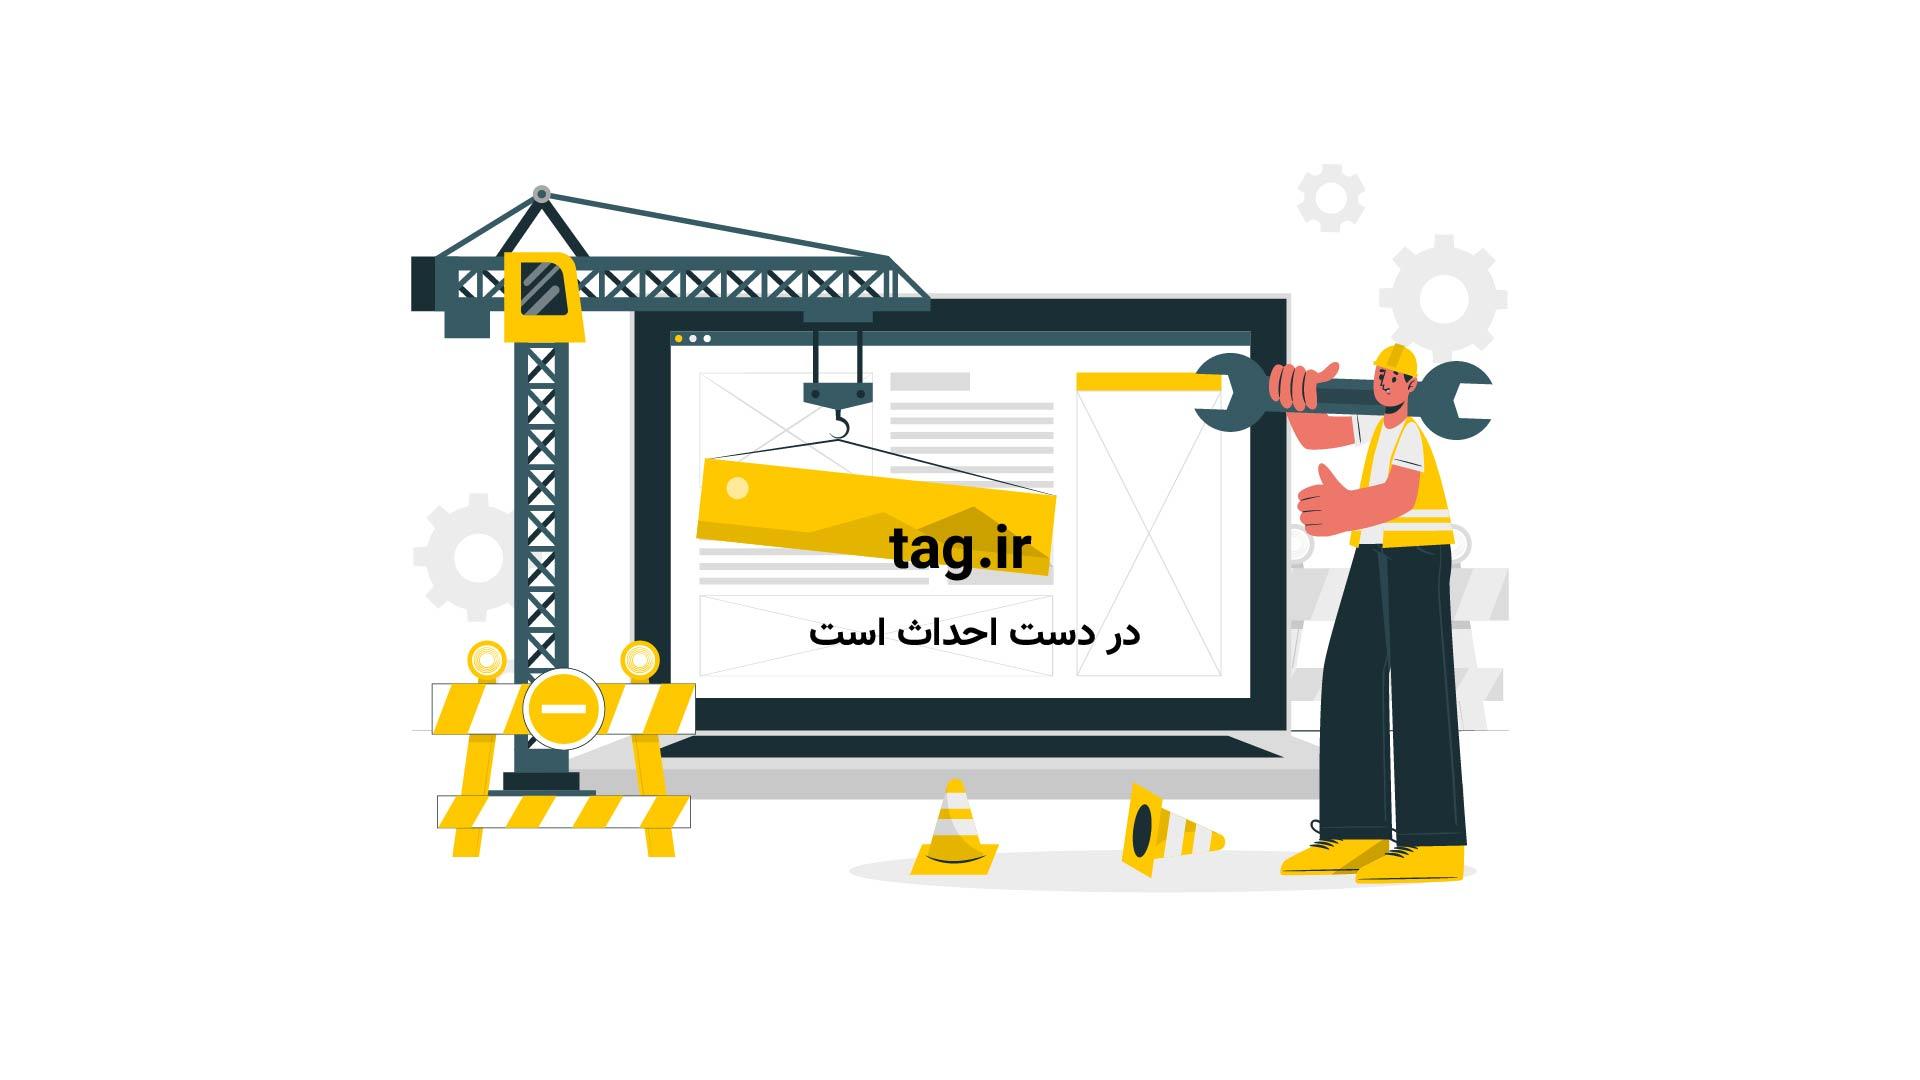 عناوین روزنامههای اقتصادی سهشنبه 11 آبان | فیلم